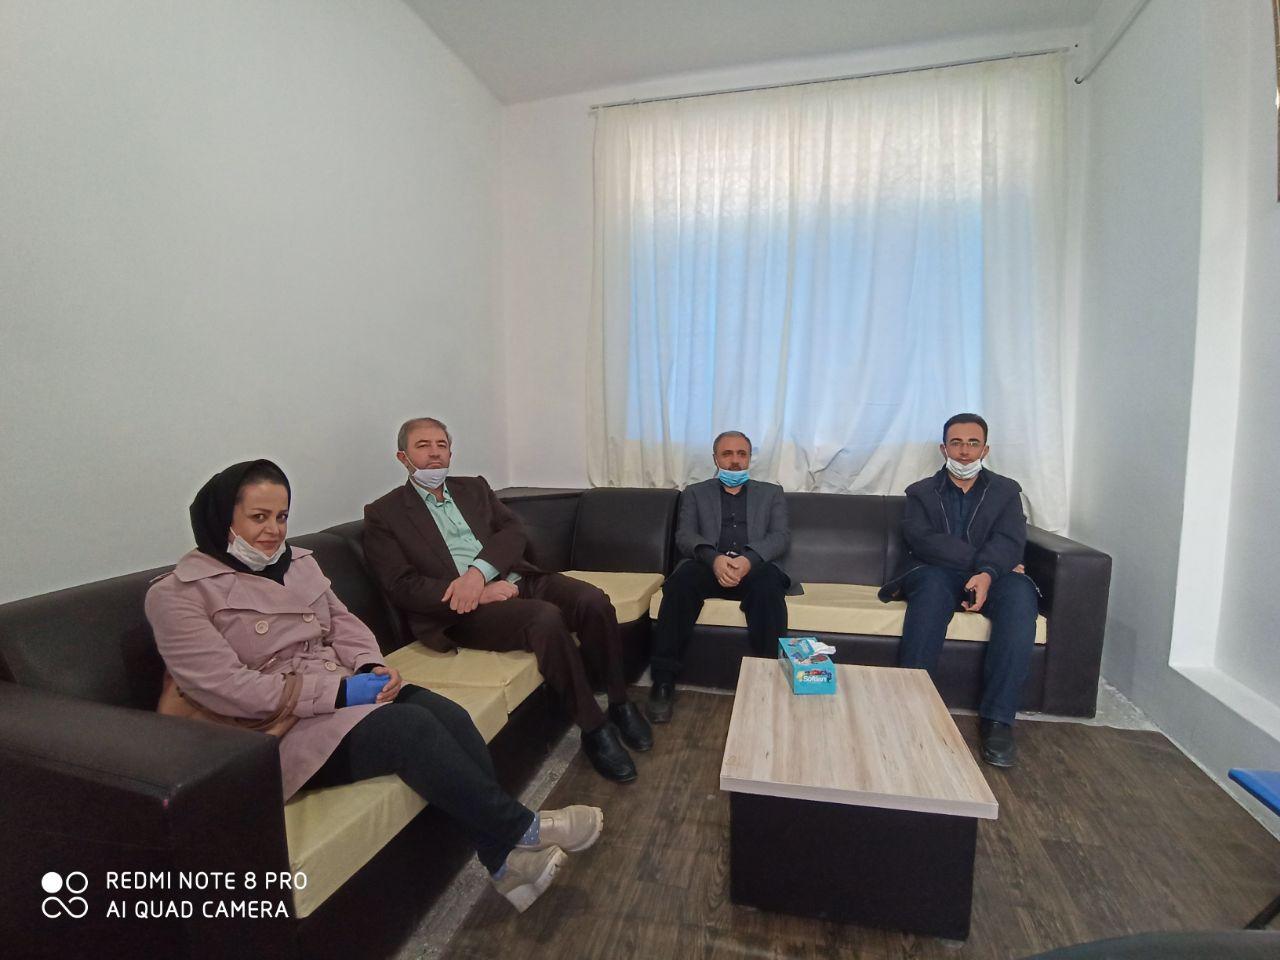 تهیه ماسک های ۳Mبرای کادر پزشکی و درمانی سقز/ سقز پیشتاز در غربالگری و اقدامات مدنی